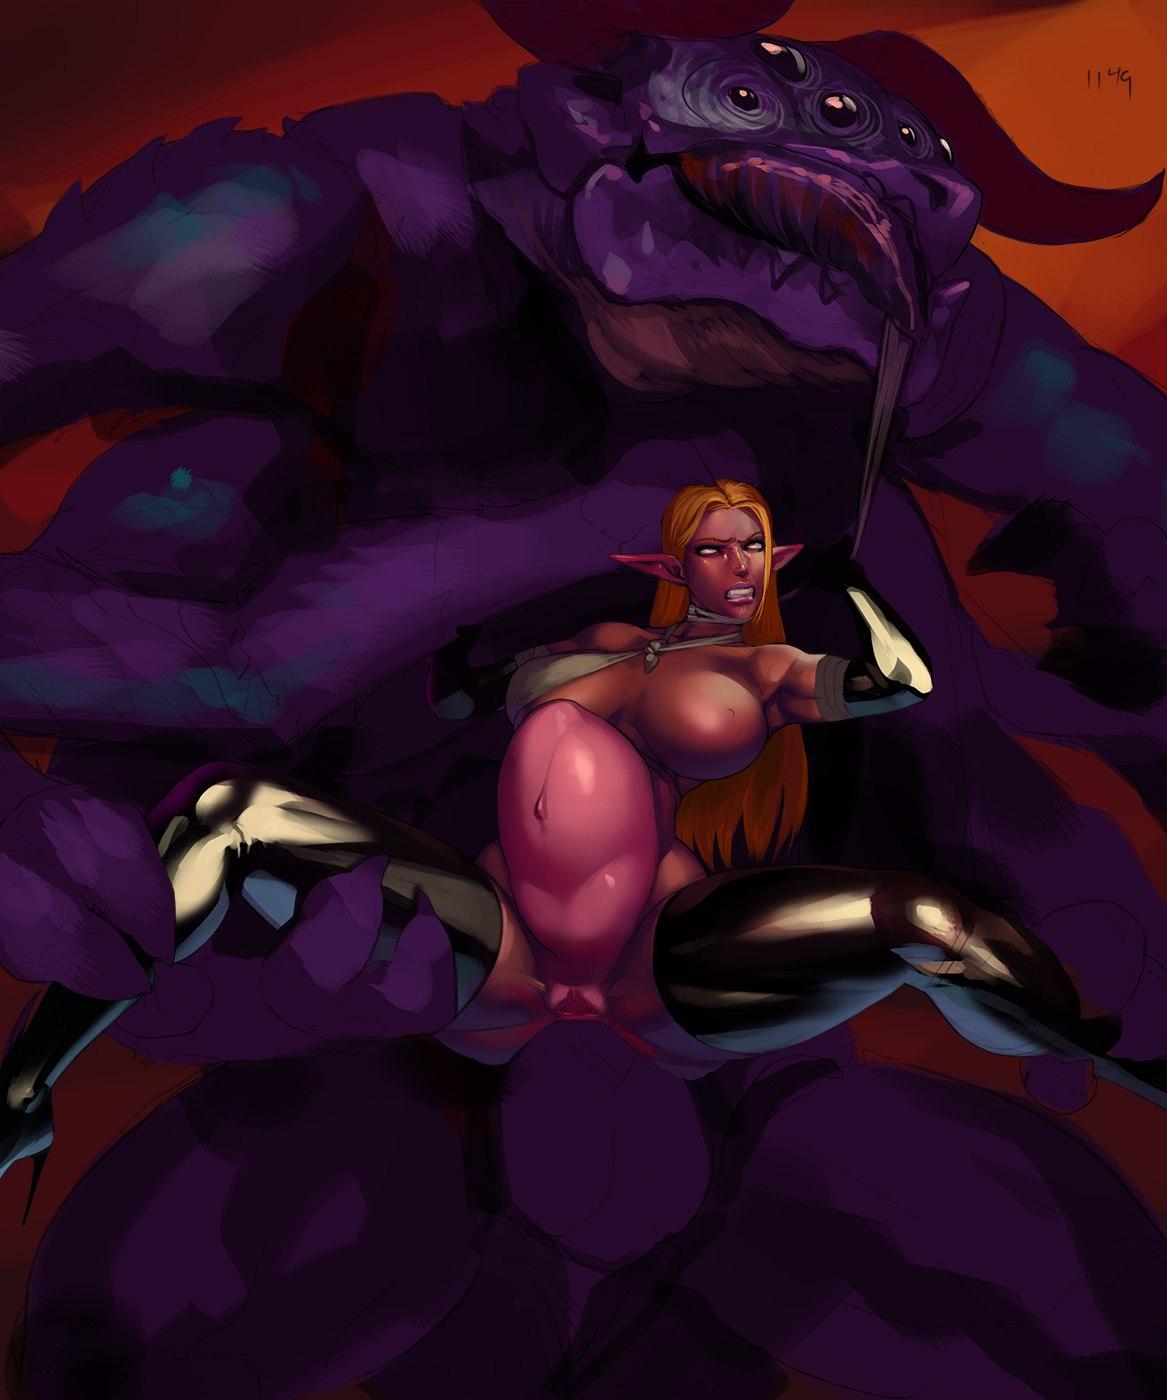 webtoons queen mage demon and Avatar legend of korra porn